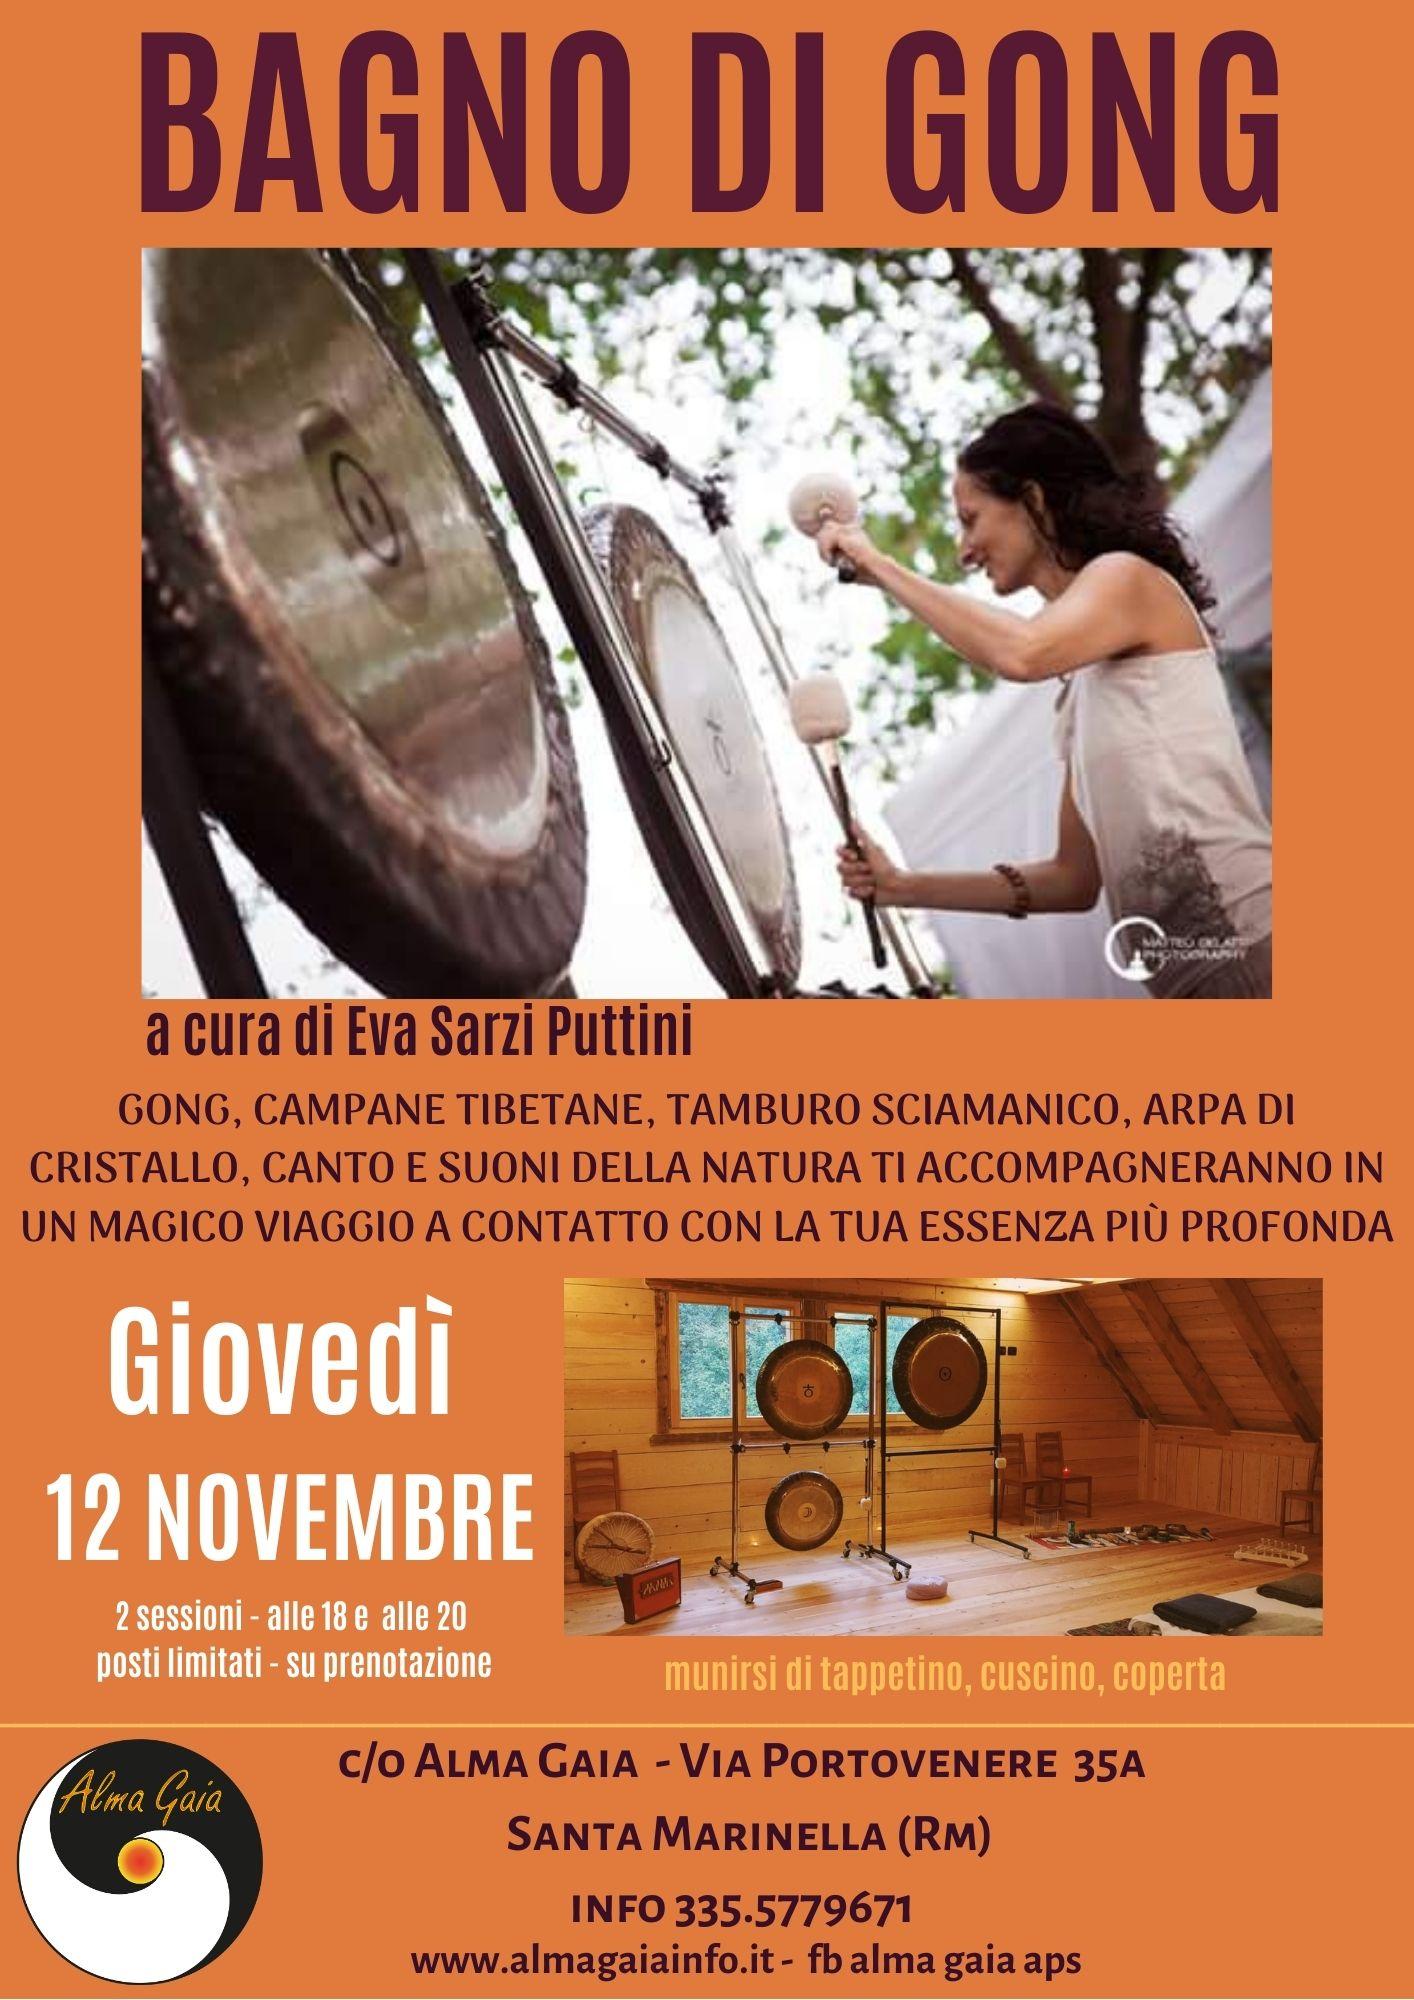 BAGNO DI GONG, Giovedì 12 novembre 2020